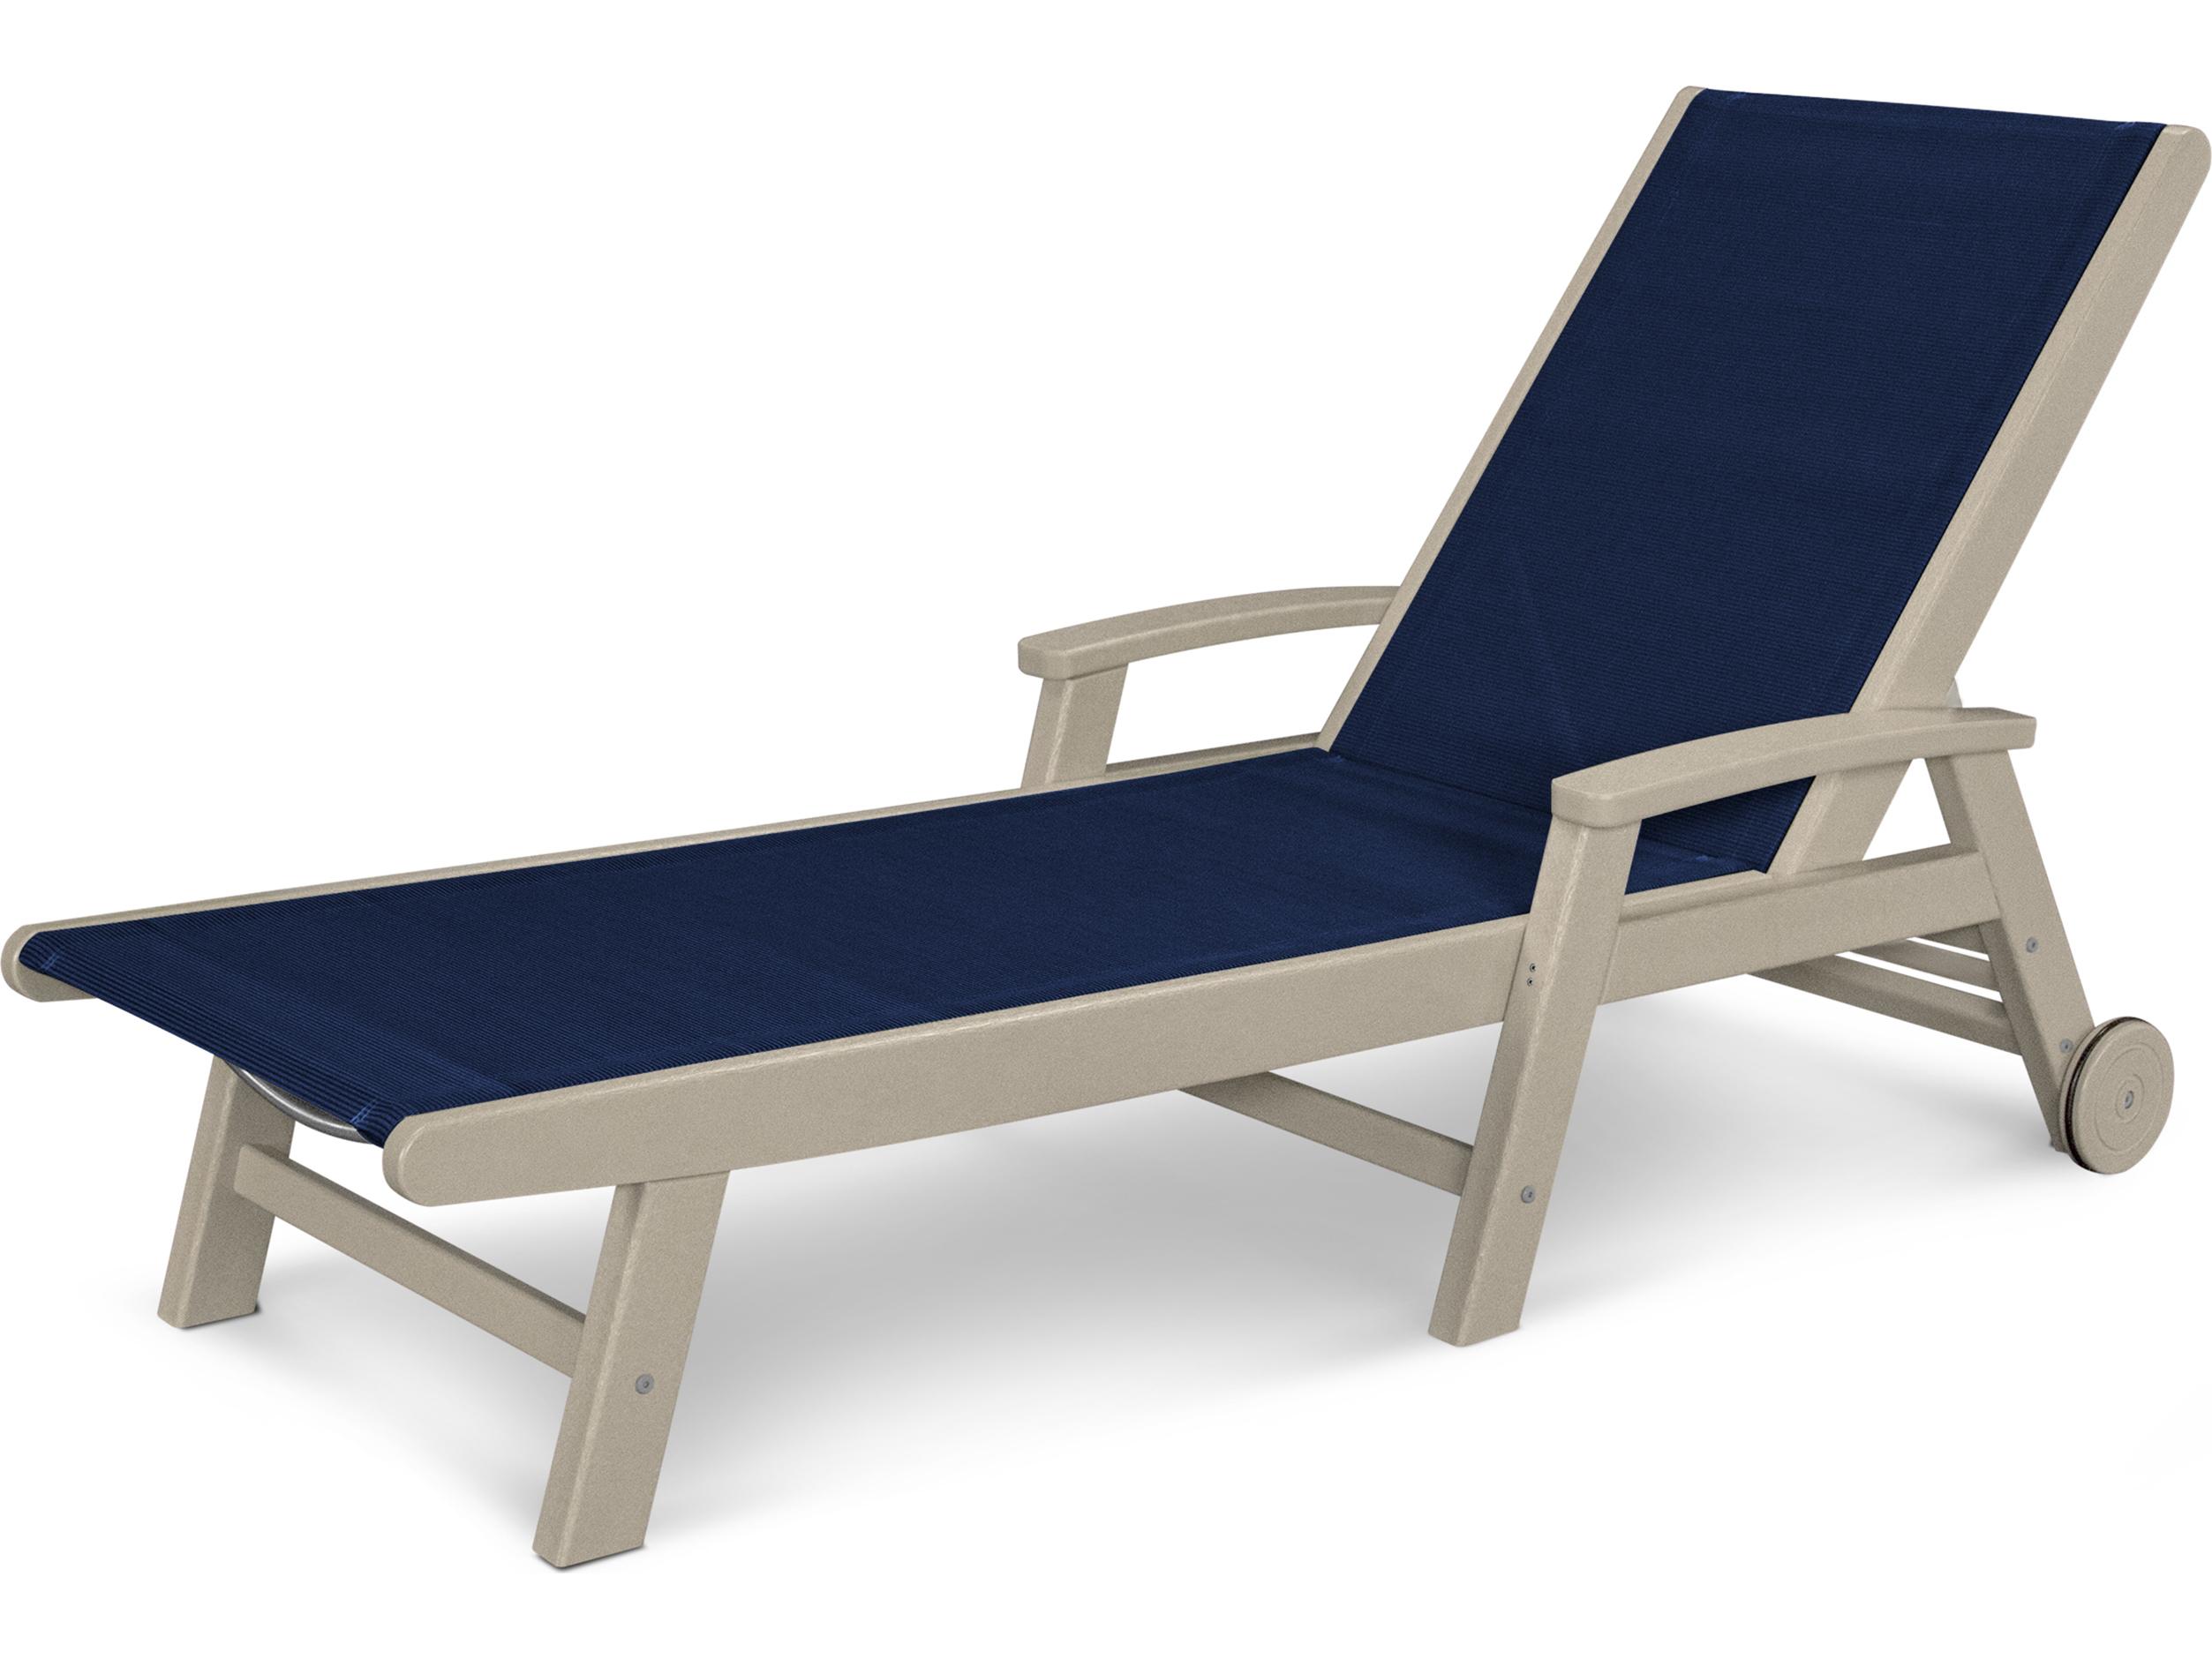 Polywood coastal sling aluminum chaise lounge sw2290 for Aluminum chaise lounge